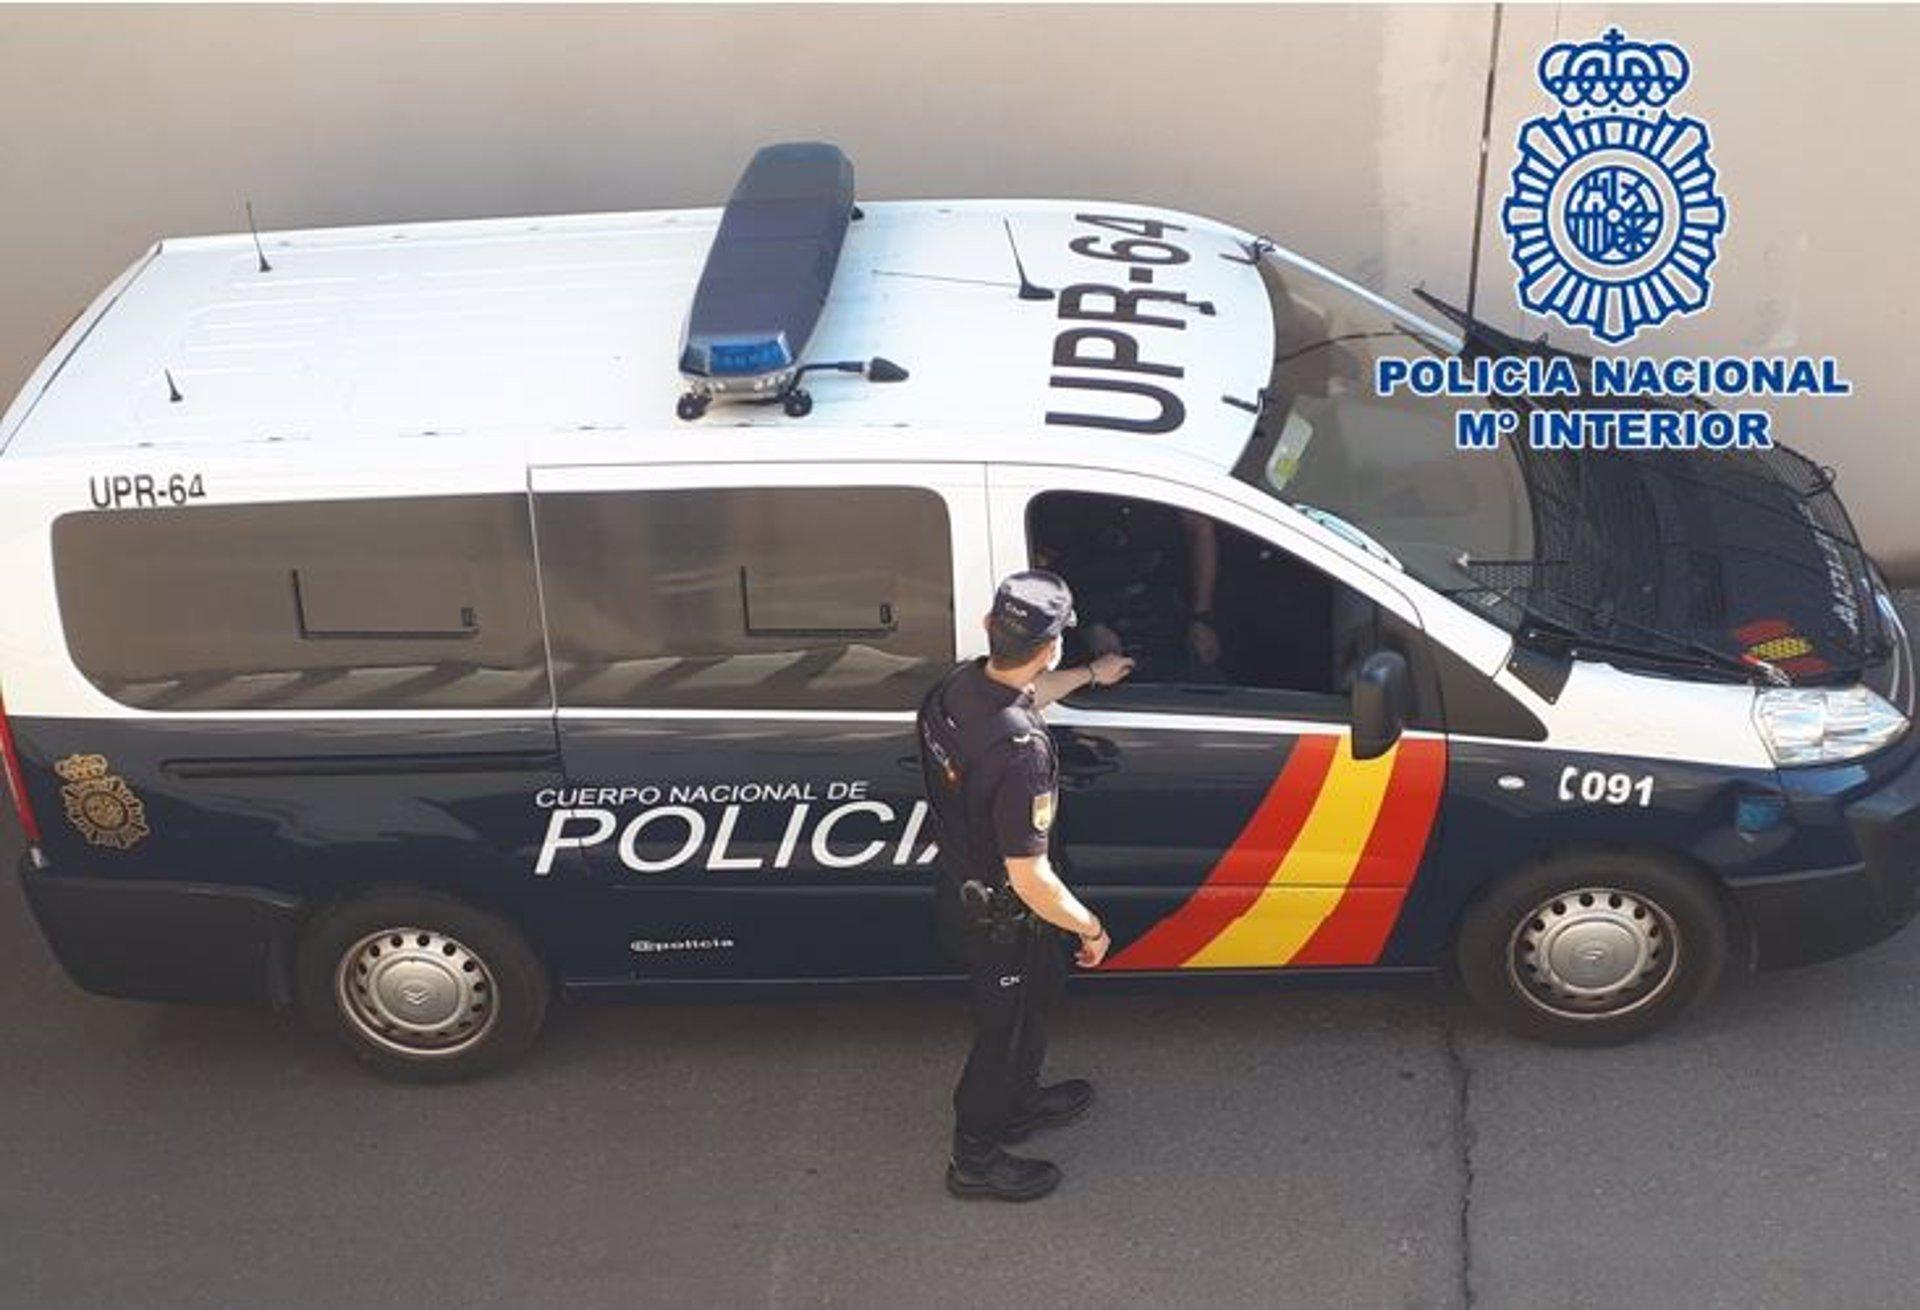 Detenido uno de los participantes en una riña tumultuaria con armas en el barrio de Almanjáyar